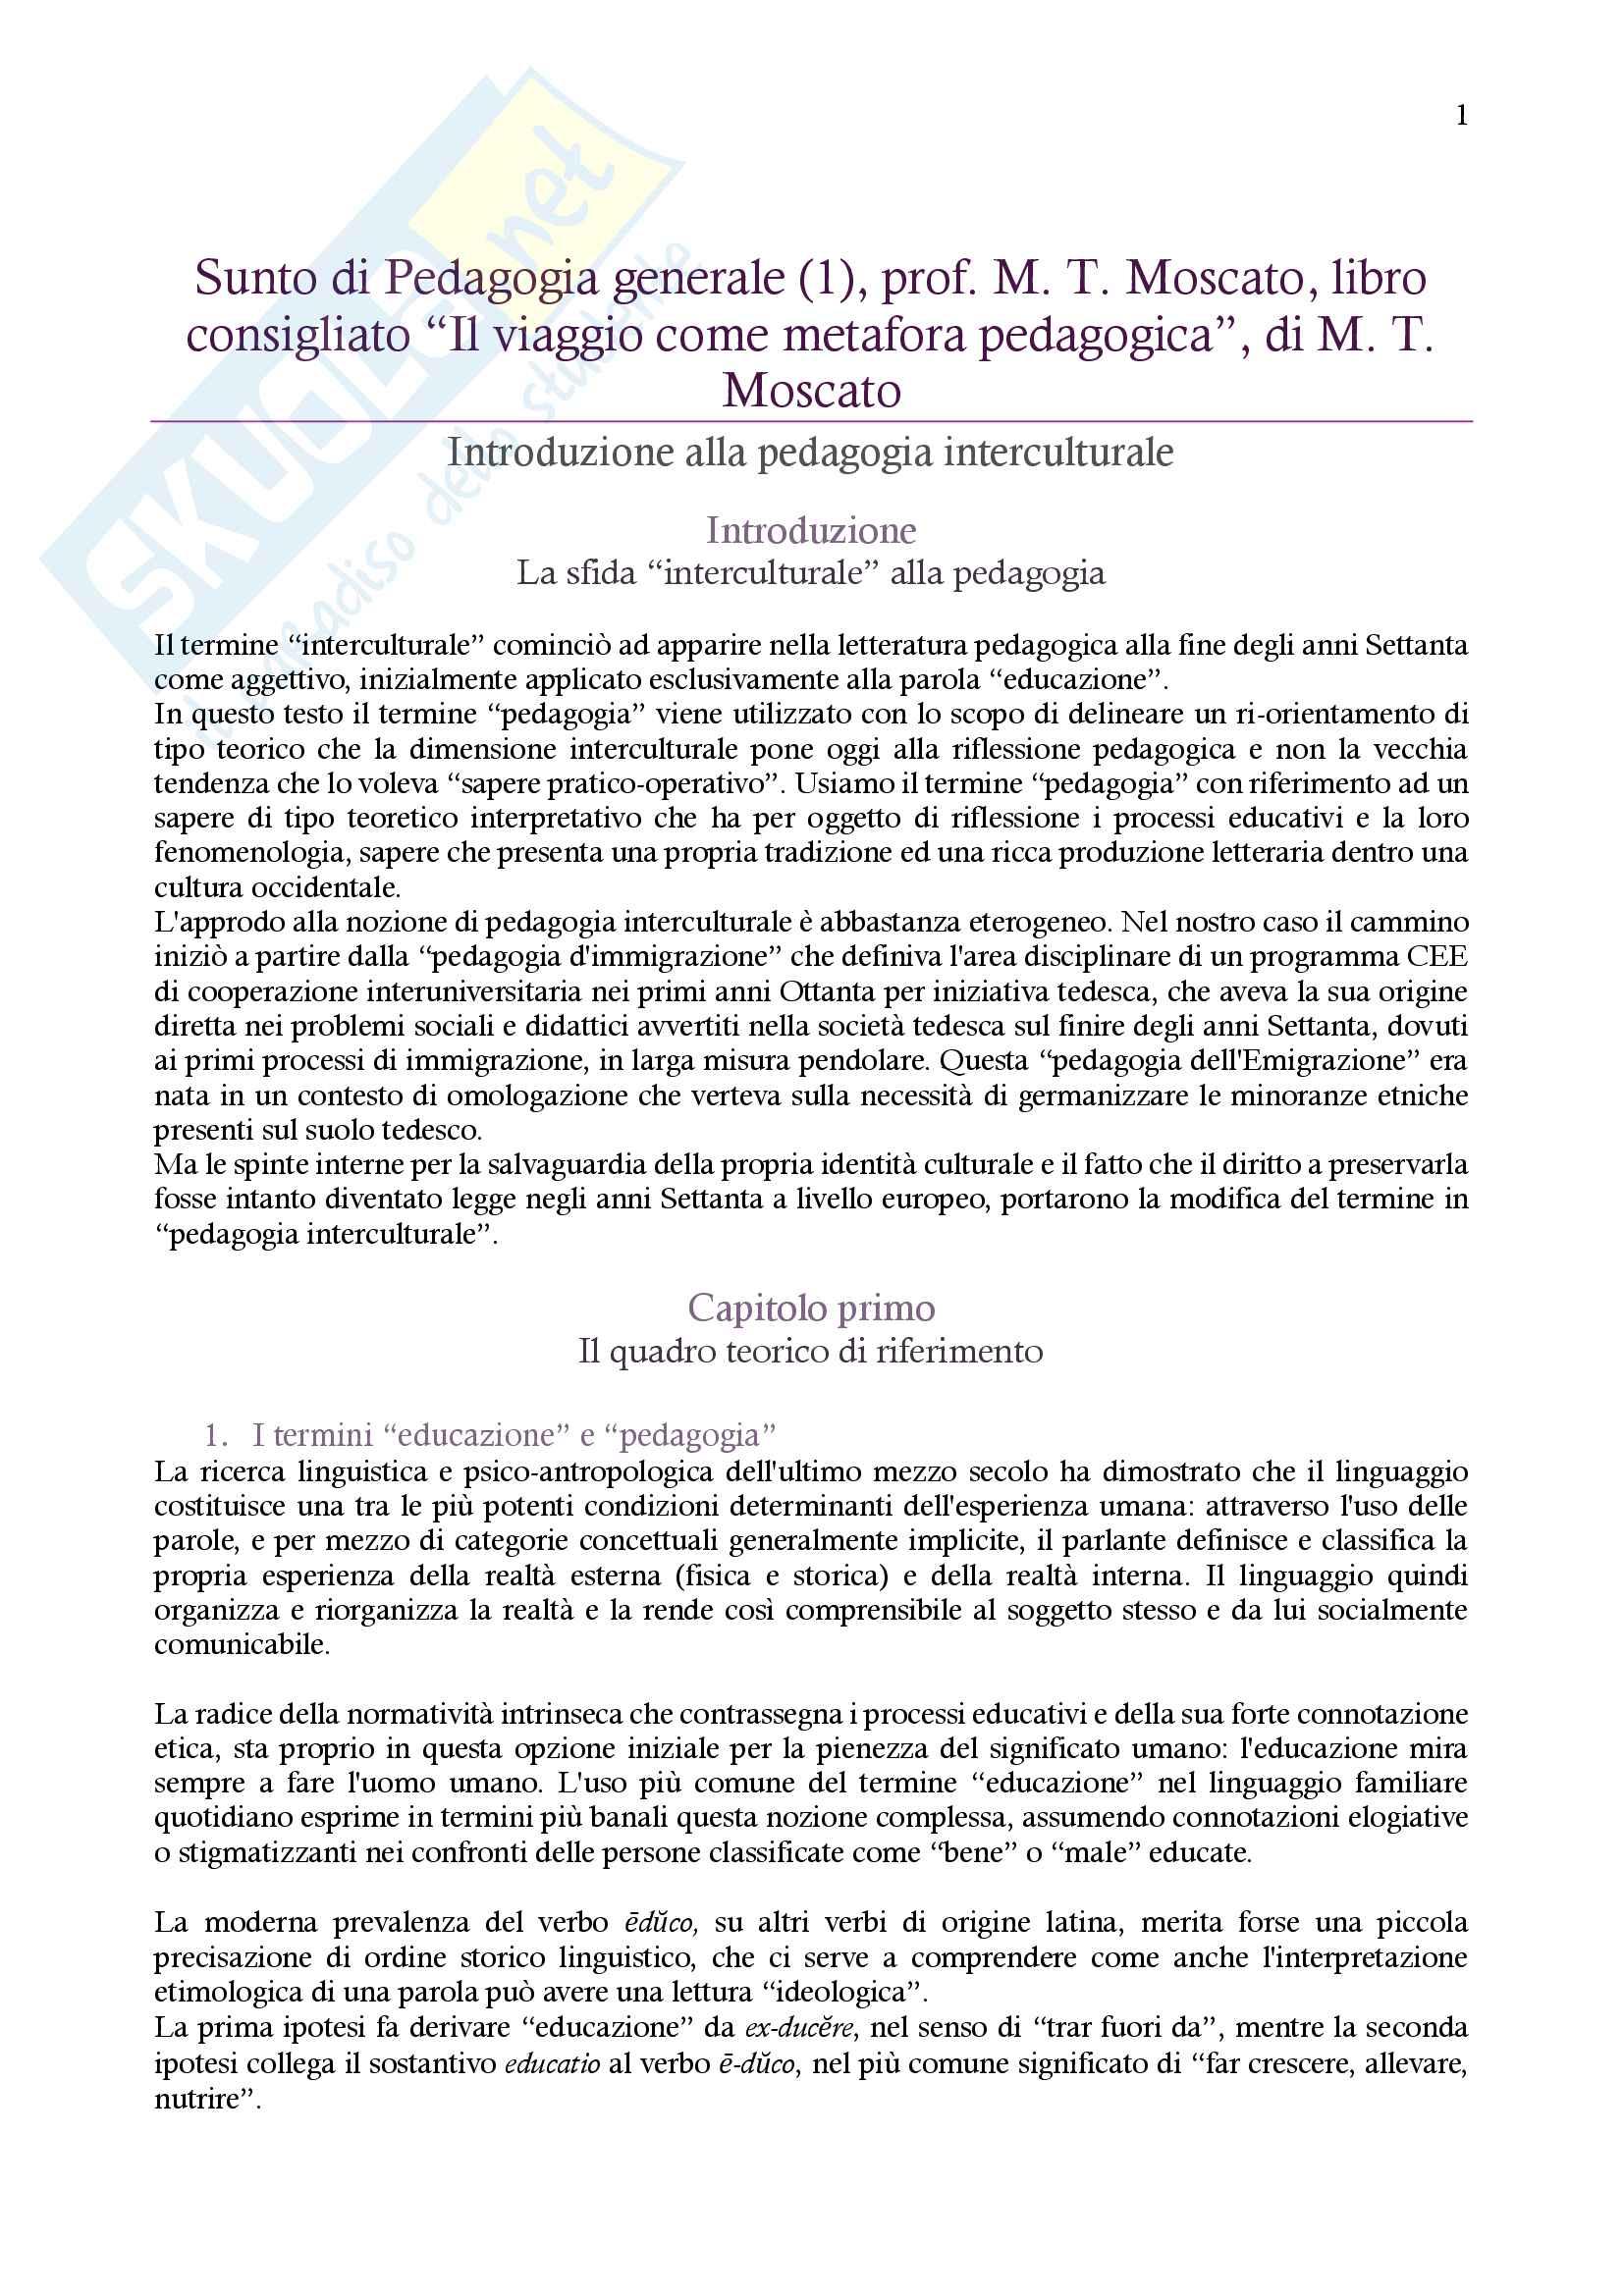 """Riassunto esame Pedagogia generale (1), docente M. T. Moscato, libro consigliato """"Il viaggio come metafora pedagogica"""", di M. T. Moscato"""